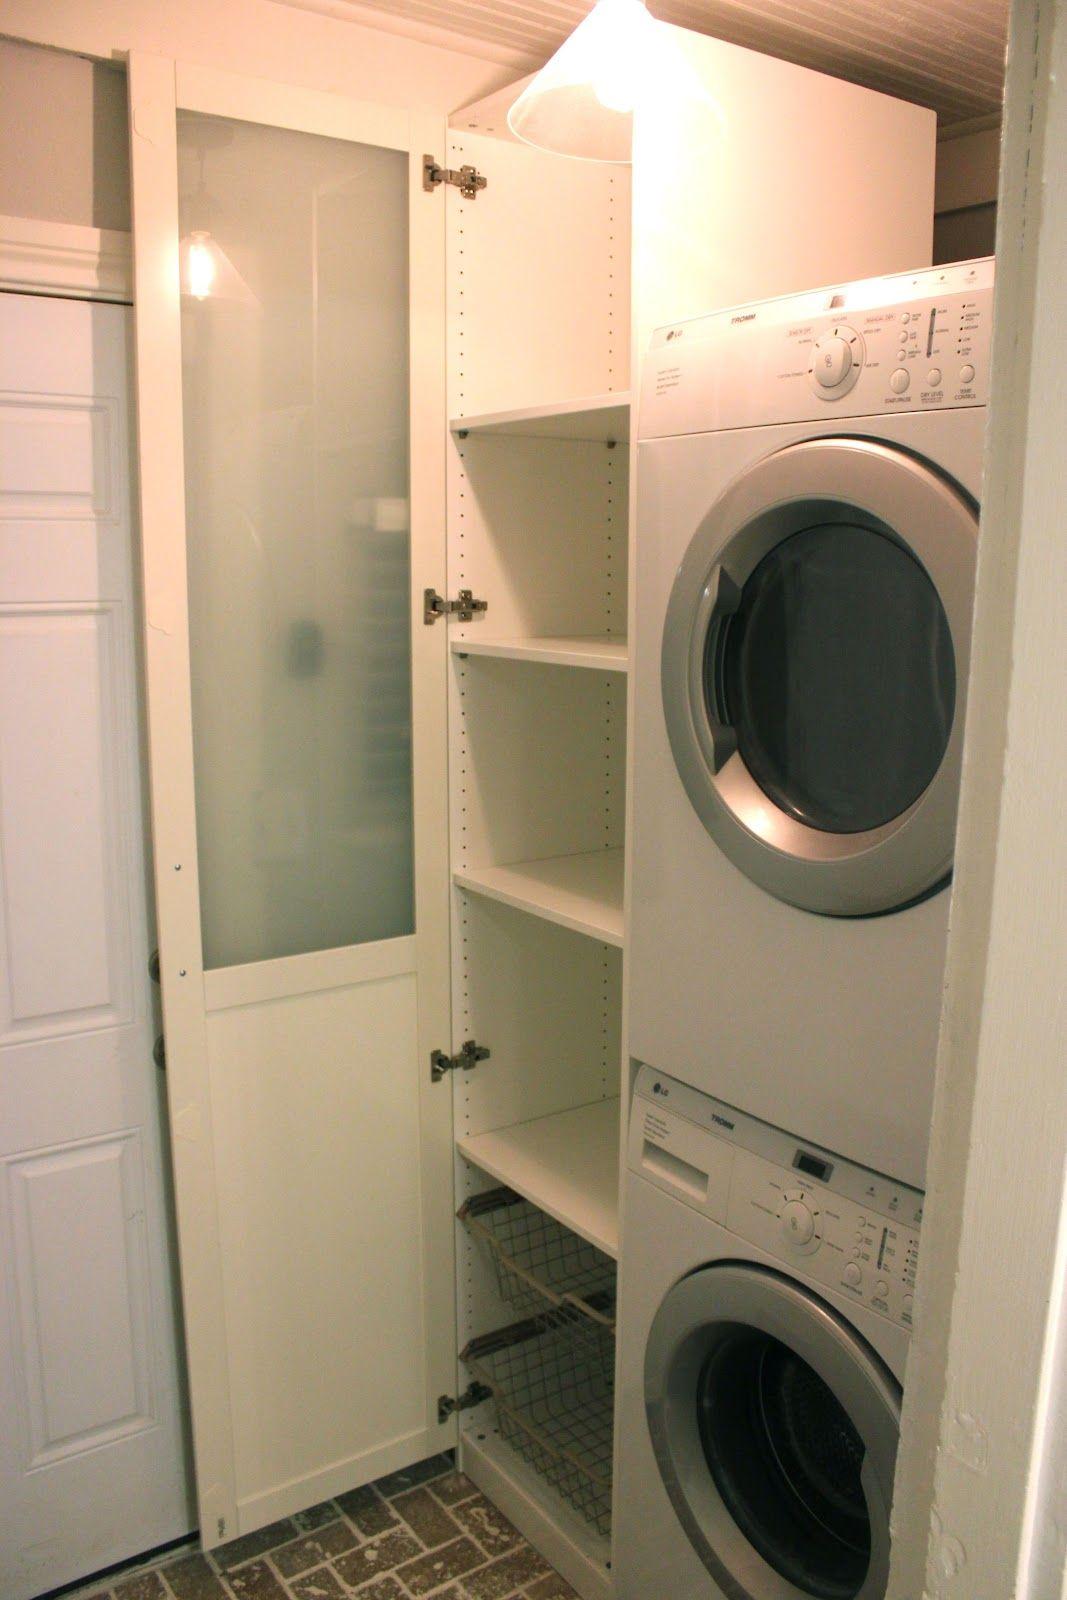 Cabinet for Laundry - Ikea Pax Wardrobe - great idea ...